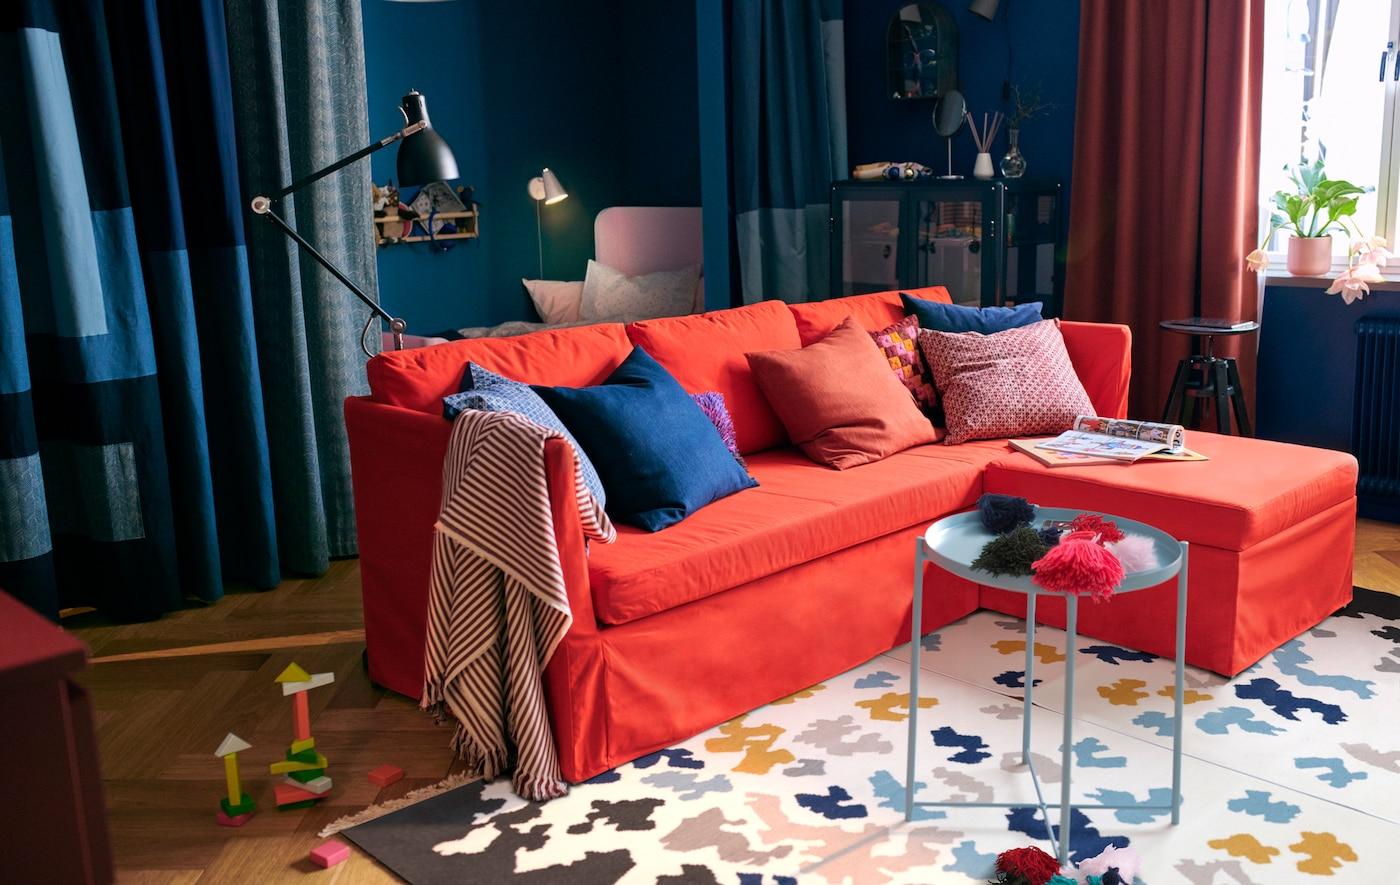 Petit intérieur? Installe un canapé convertible au centre de la pièce pour disposer de plus de rangement. Essaie un canapé convertible IKEA BRÅTHULT rouge-orange!